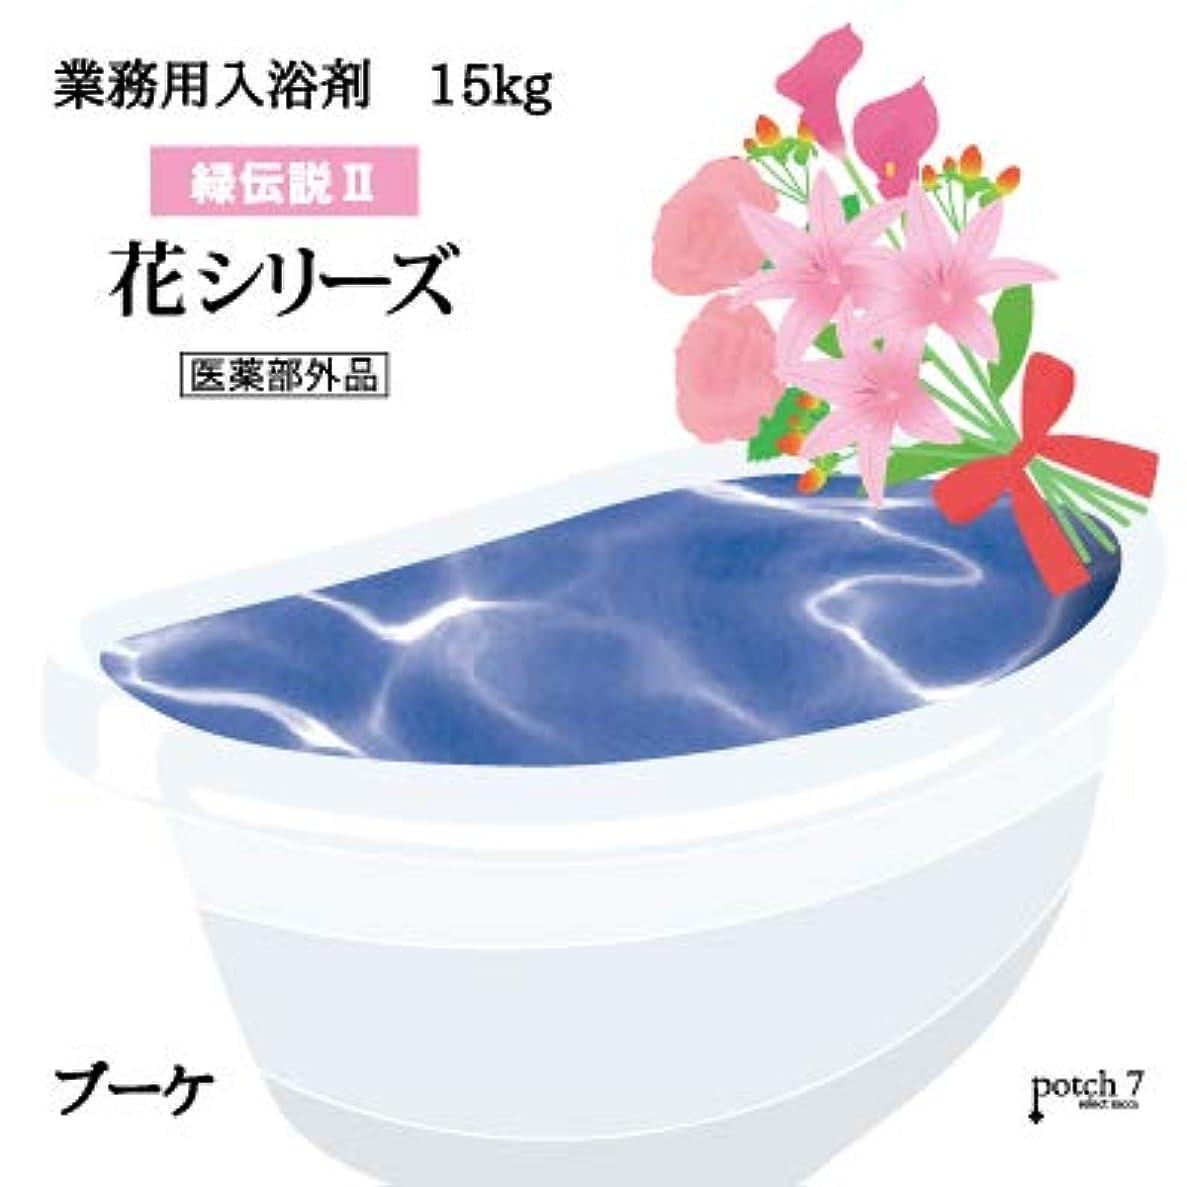 作業嫌なヘクタール業務用入浴剤「ブーケ」15Kg(7.5Kgx2袋入)GYM-BU